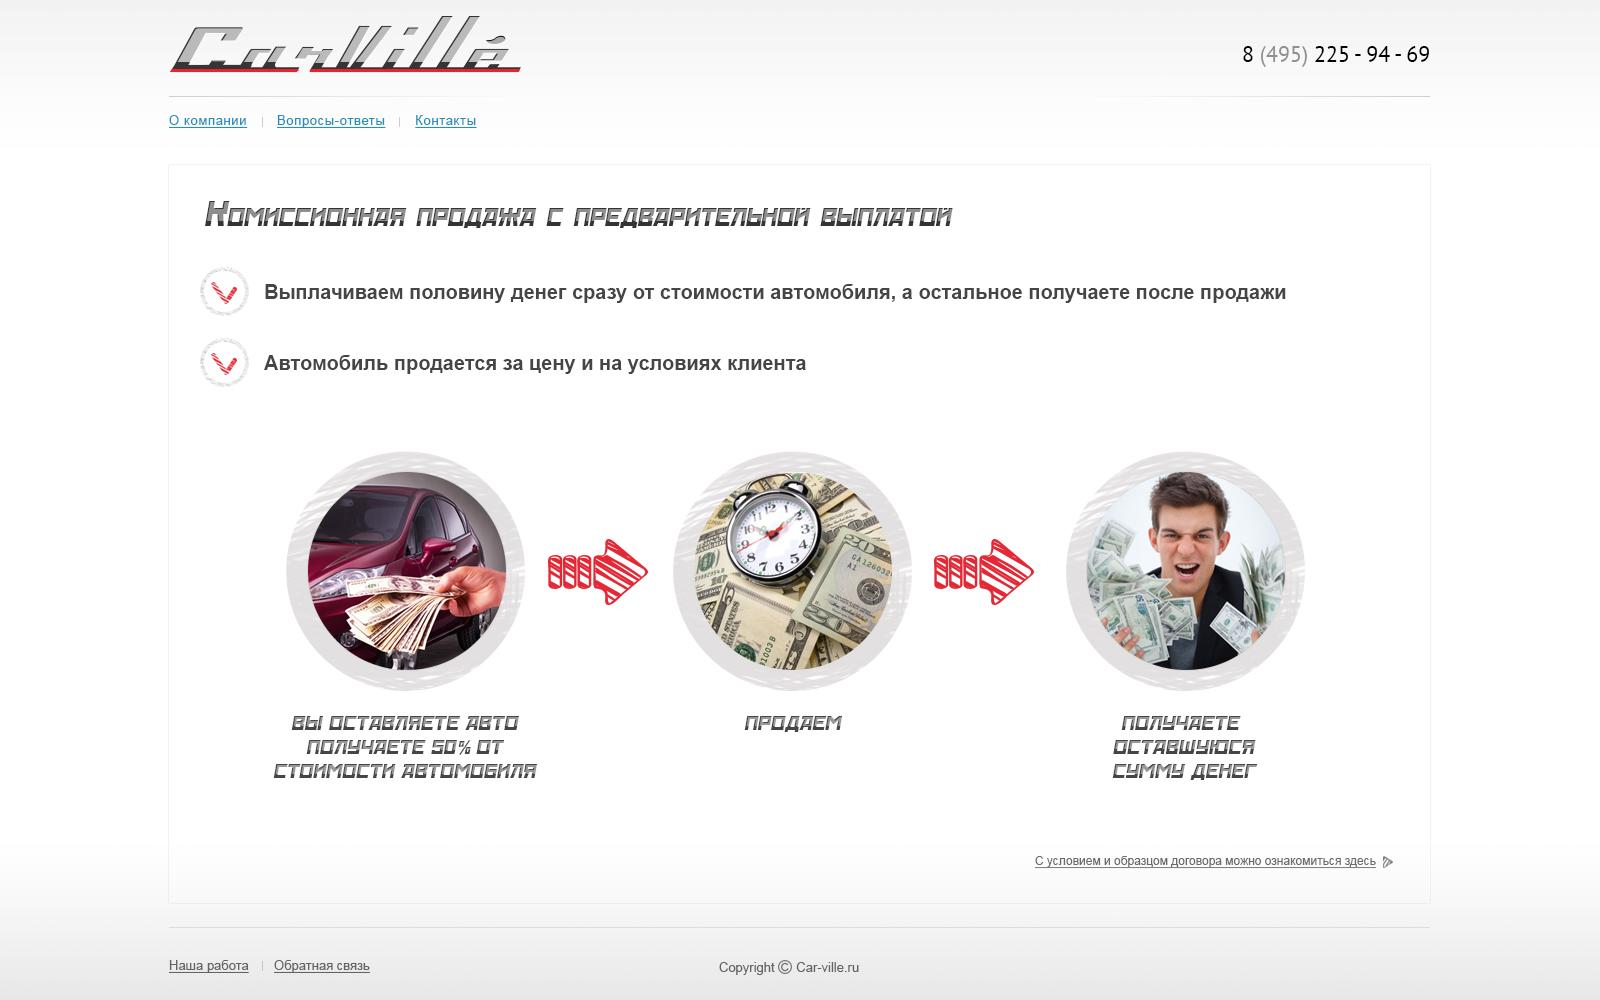 Разработка дизайна внутренних страниц для Carville-vn2 (+ все остальные, которые есть на сайте)